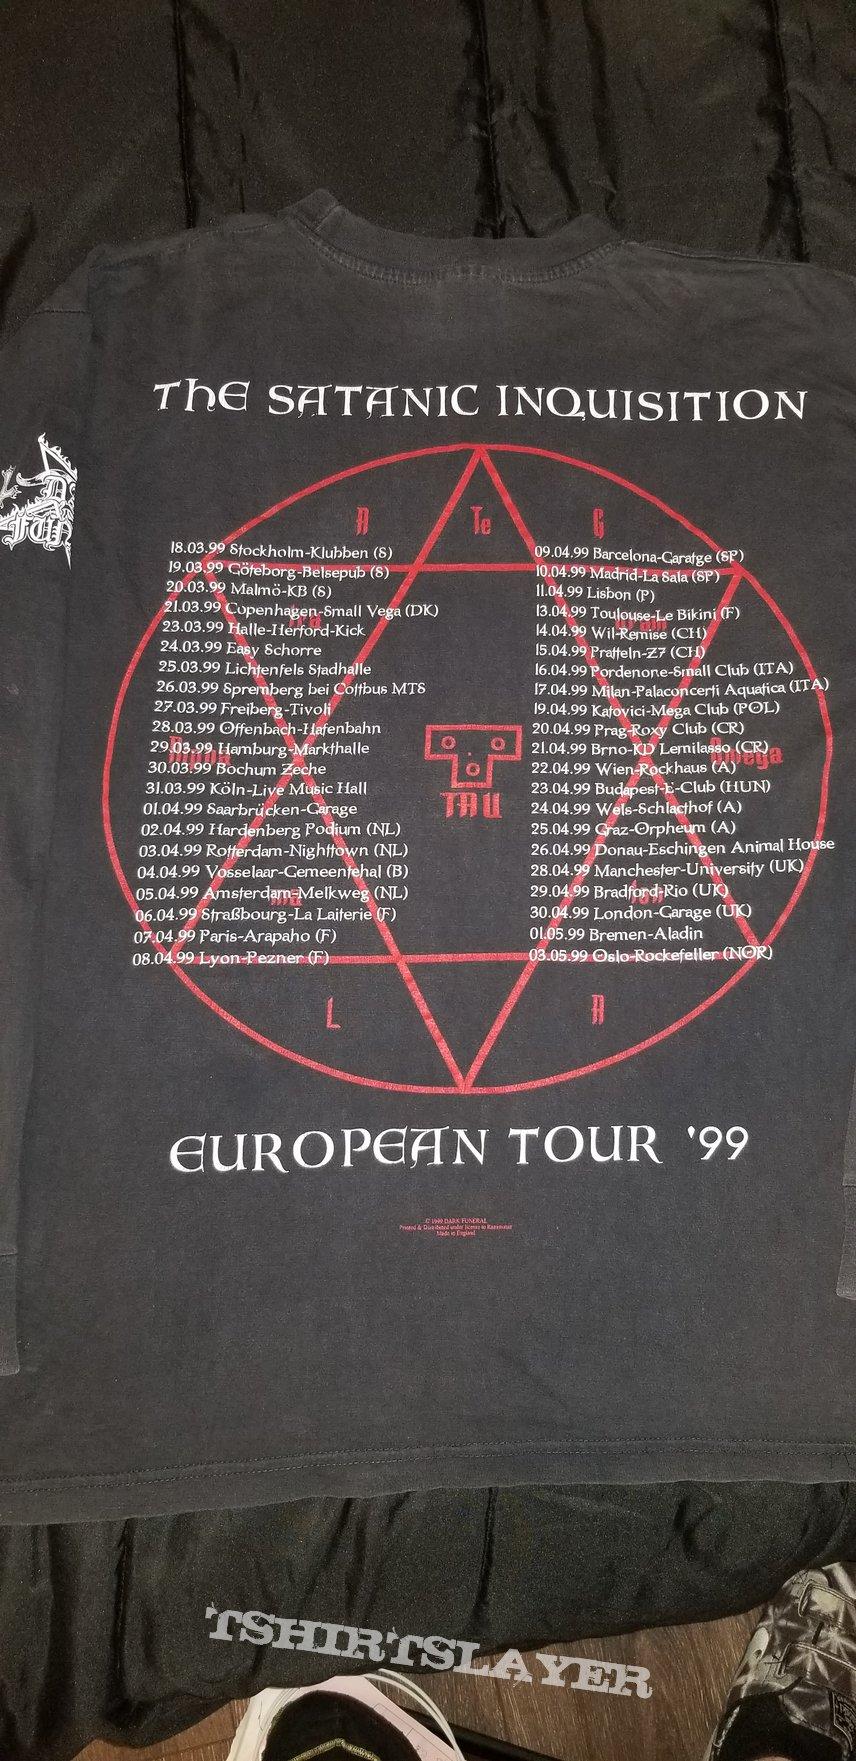 The Satanic Inquisition